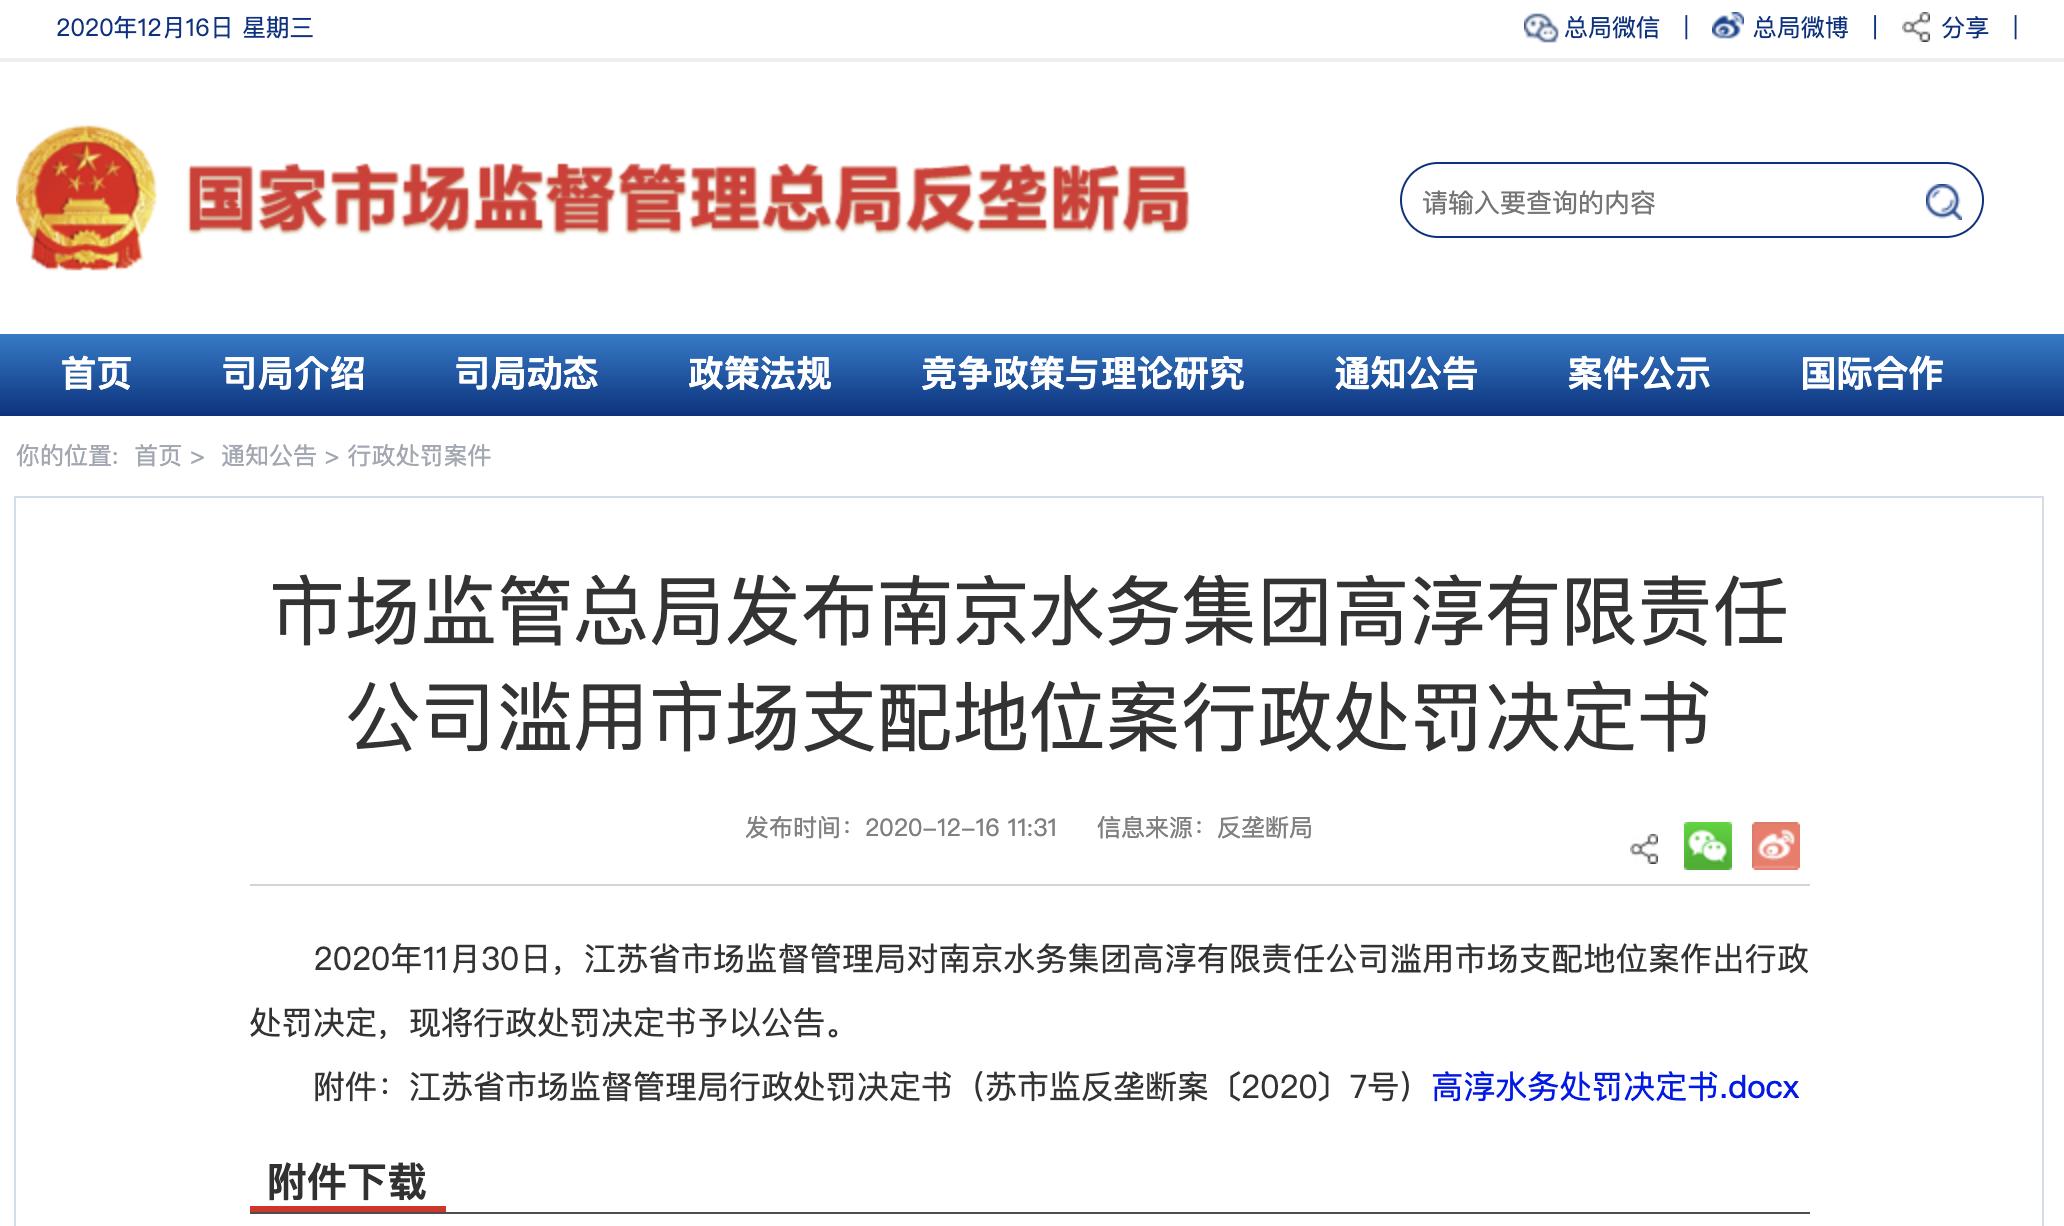 指定供水施工 江苏自来水公司垄断被罚182万 系今年首例